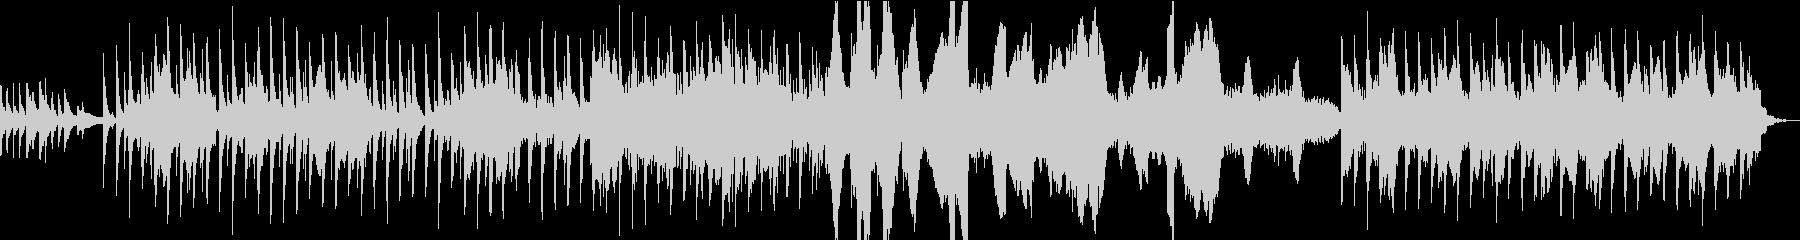 アジアンテイストな不思議なポップスの未再生の波形